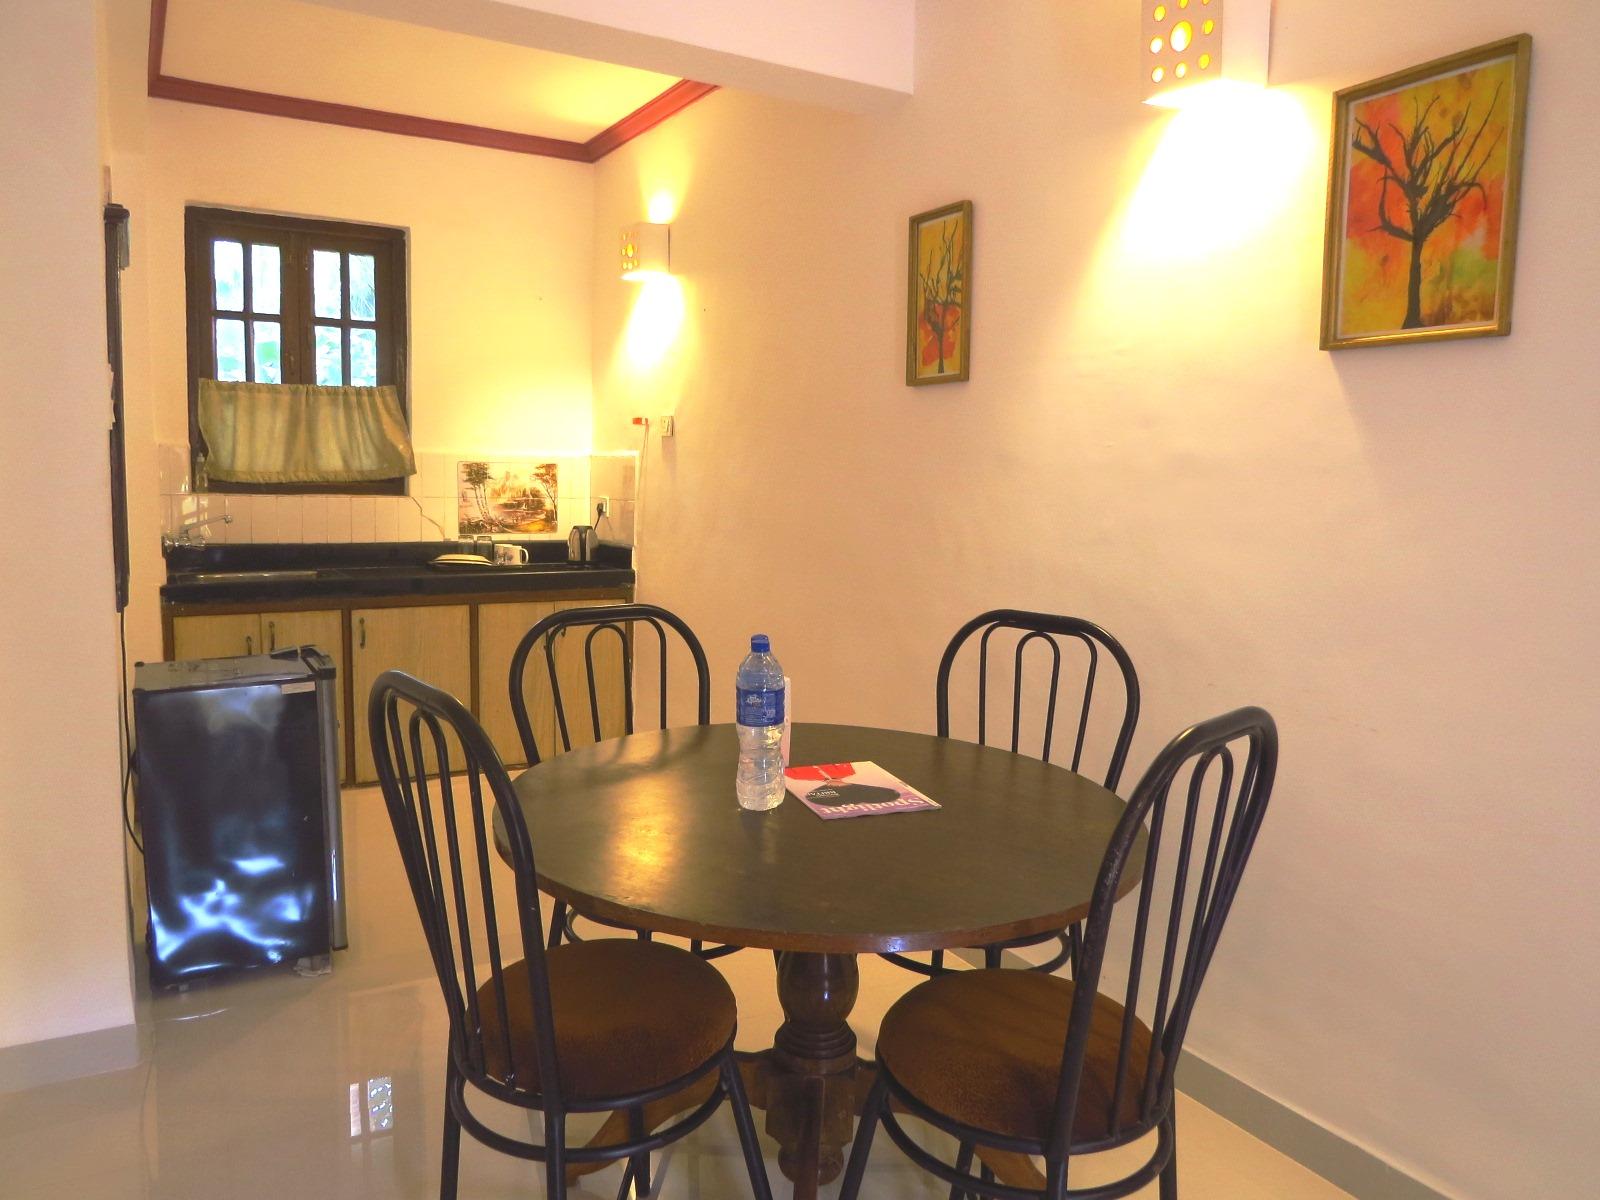 Wohnzimmer der Residenz in Goa